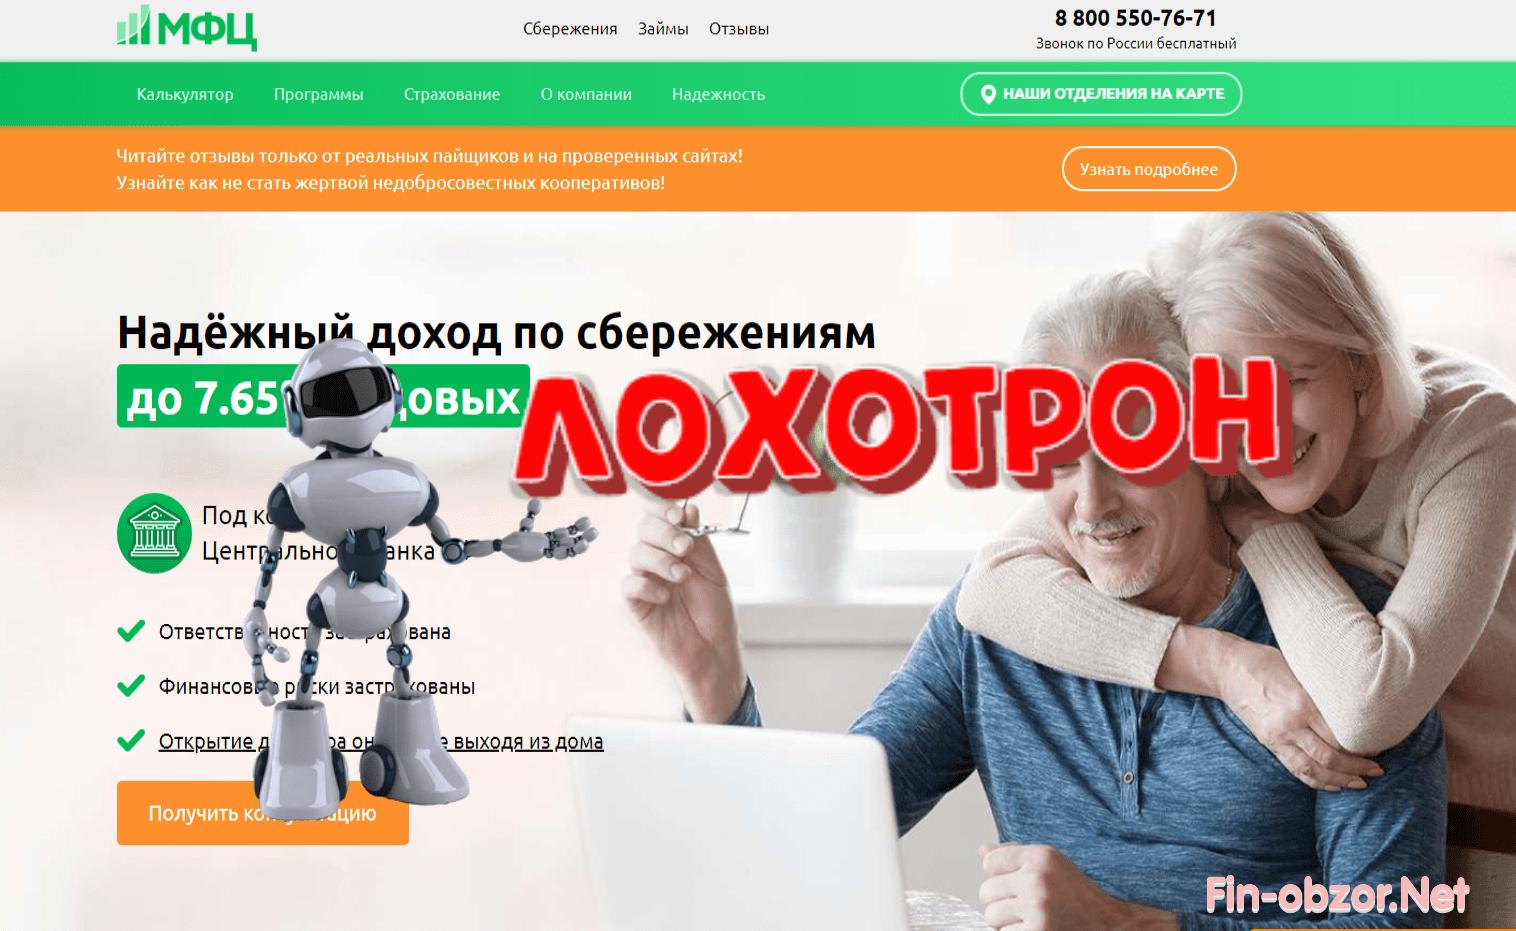 КПК Московский Финансовый Центр - отзывы вкладчиков. Развод или честный кооператив